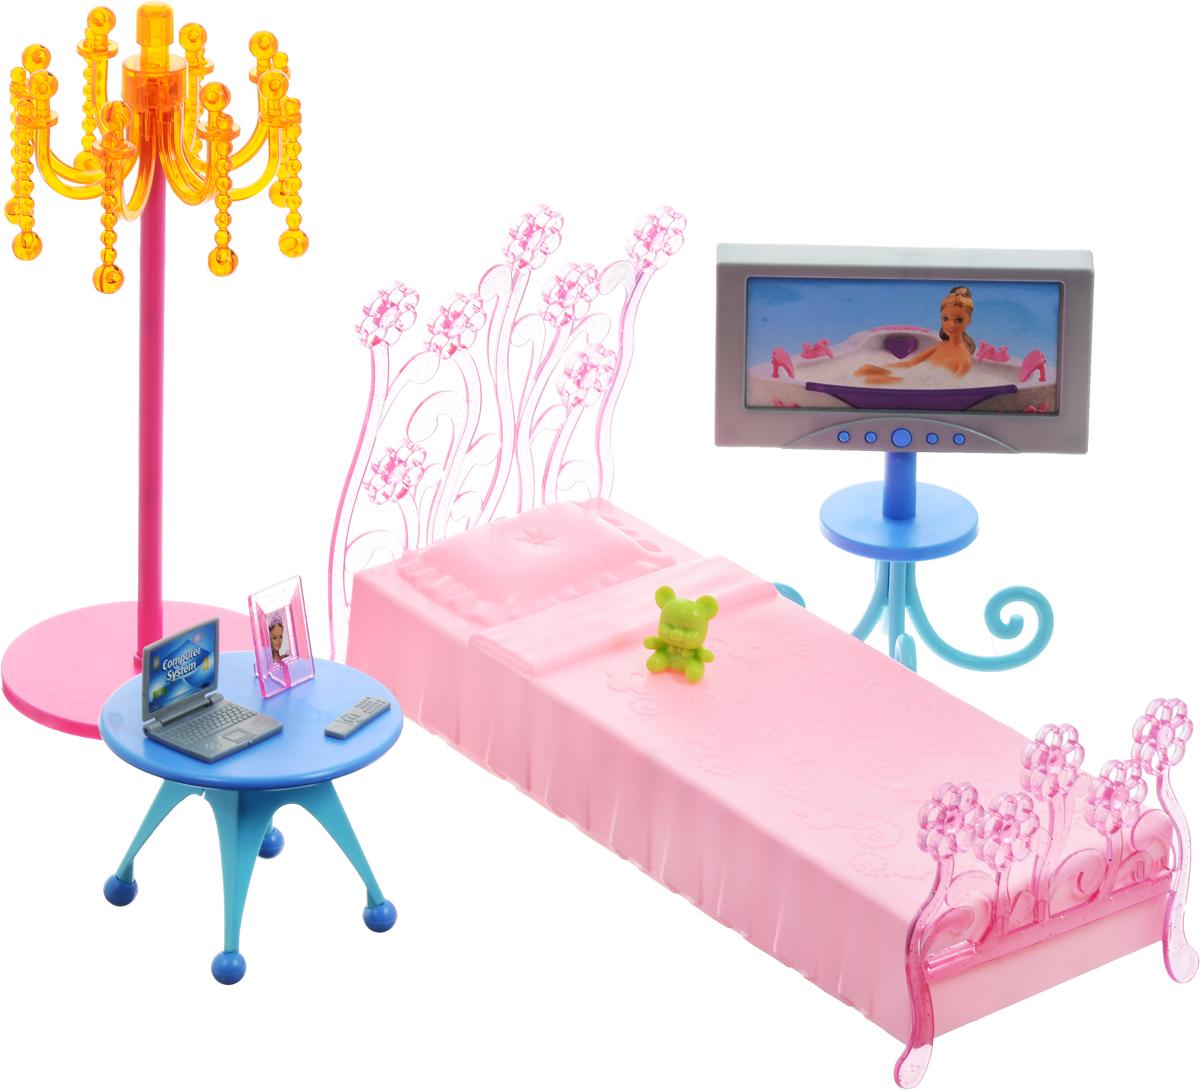 1TOY Мебель для кукол СпальняТ54507Мебель для кукол - один из самых любимых аксессуаров у девочек, благодаря широким возможностям моделирования в игре различных ситуаций кукольной жизни. Мебель для кукол 1TOY Спальня очень проста в сборке, сама девочка может собрать ее, а если ребенок еще мал, то это легко осуществимо вместе с родителями (в комплект входит инструкция). В комплект входят детали мебели, из которых предстоит собрать кукольную кроватку с резным изголовьем, торшер и телевизор. Также в набор входят и другие предметы спальни. Подходит для любых кукол высотой 29 см.